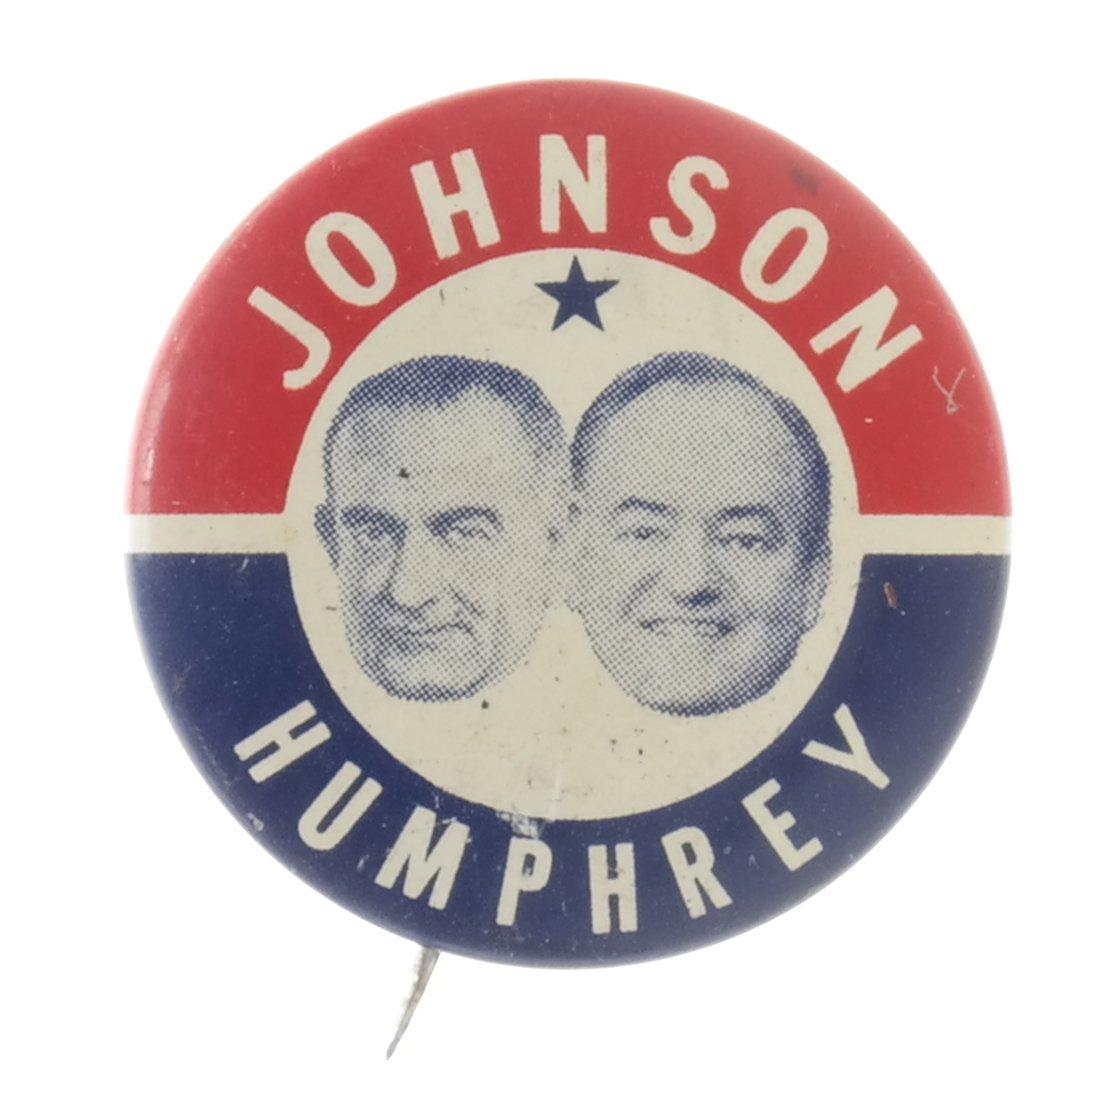 Lyndon. B. Johnson - Five 1964 Celluloids - 7